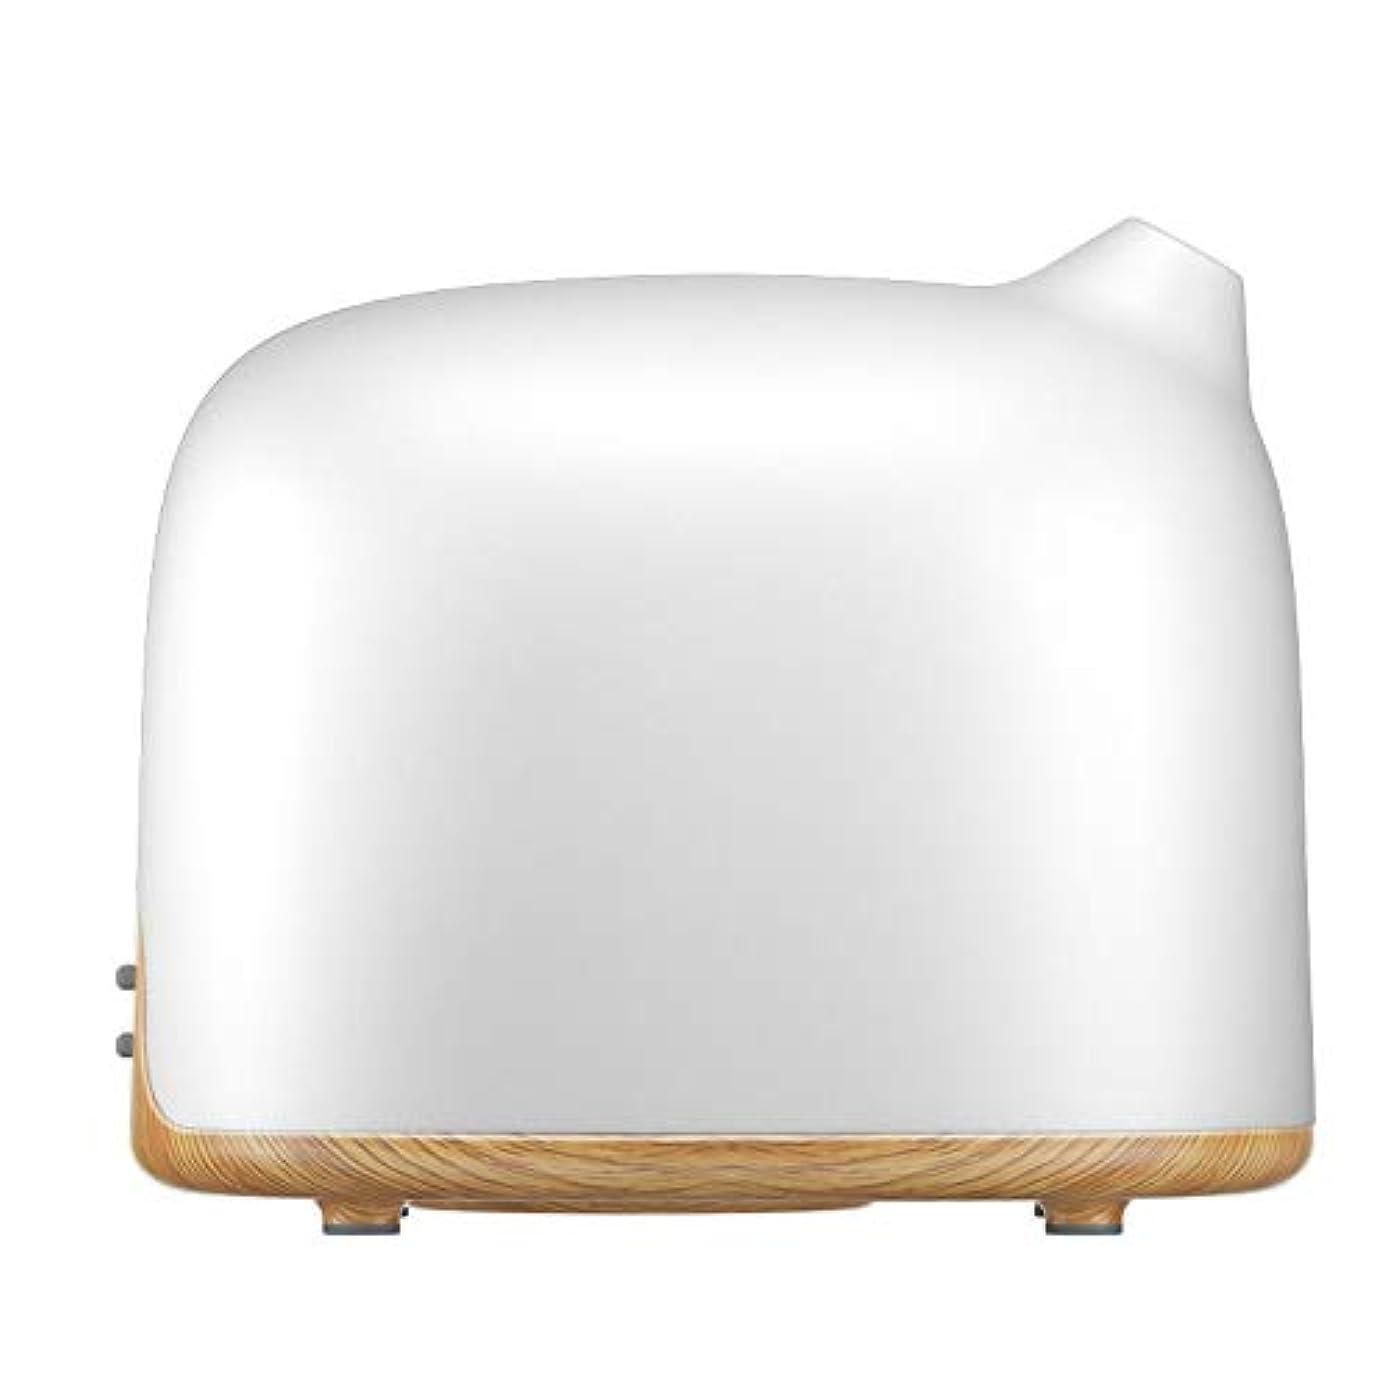 個人的に窒素見せますスマートWi-Fiエッセンシャルオイルディフューザー500 mlアロマセラピー加湿器寝室とオフィスでリラックスした雰囲気のためより良い睡眠&呼吸,Lightwoodgrain,EUplug